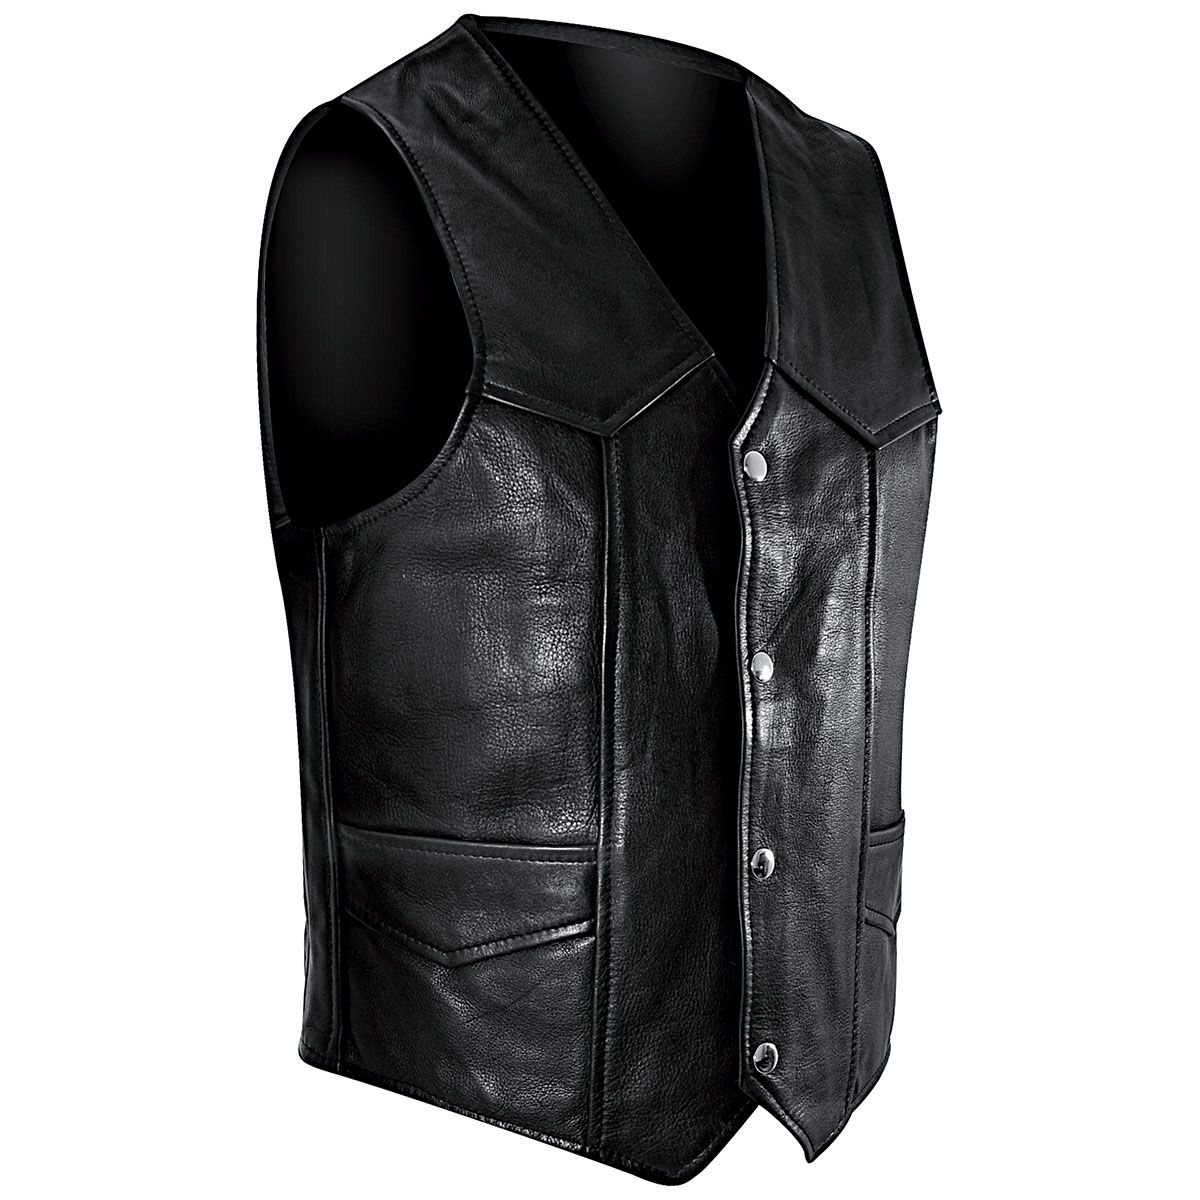 veste cuir sans manches mec osx plain waistcoat vestes. Black Bedroom Furniture Sets. Home Design Ideas